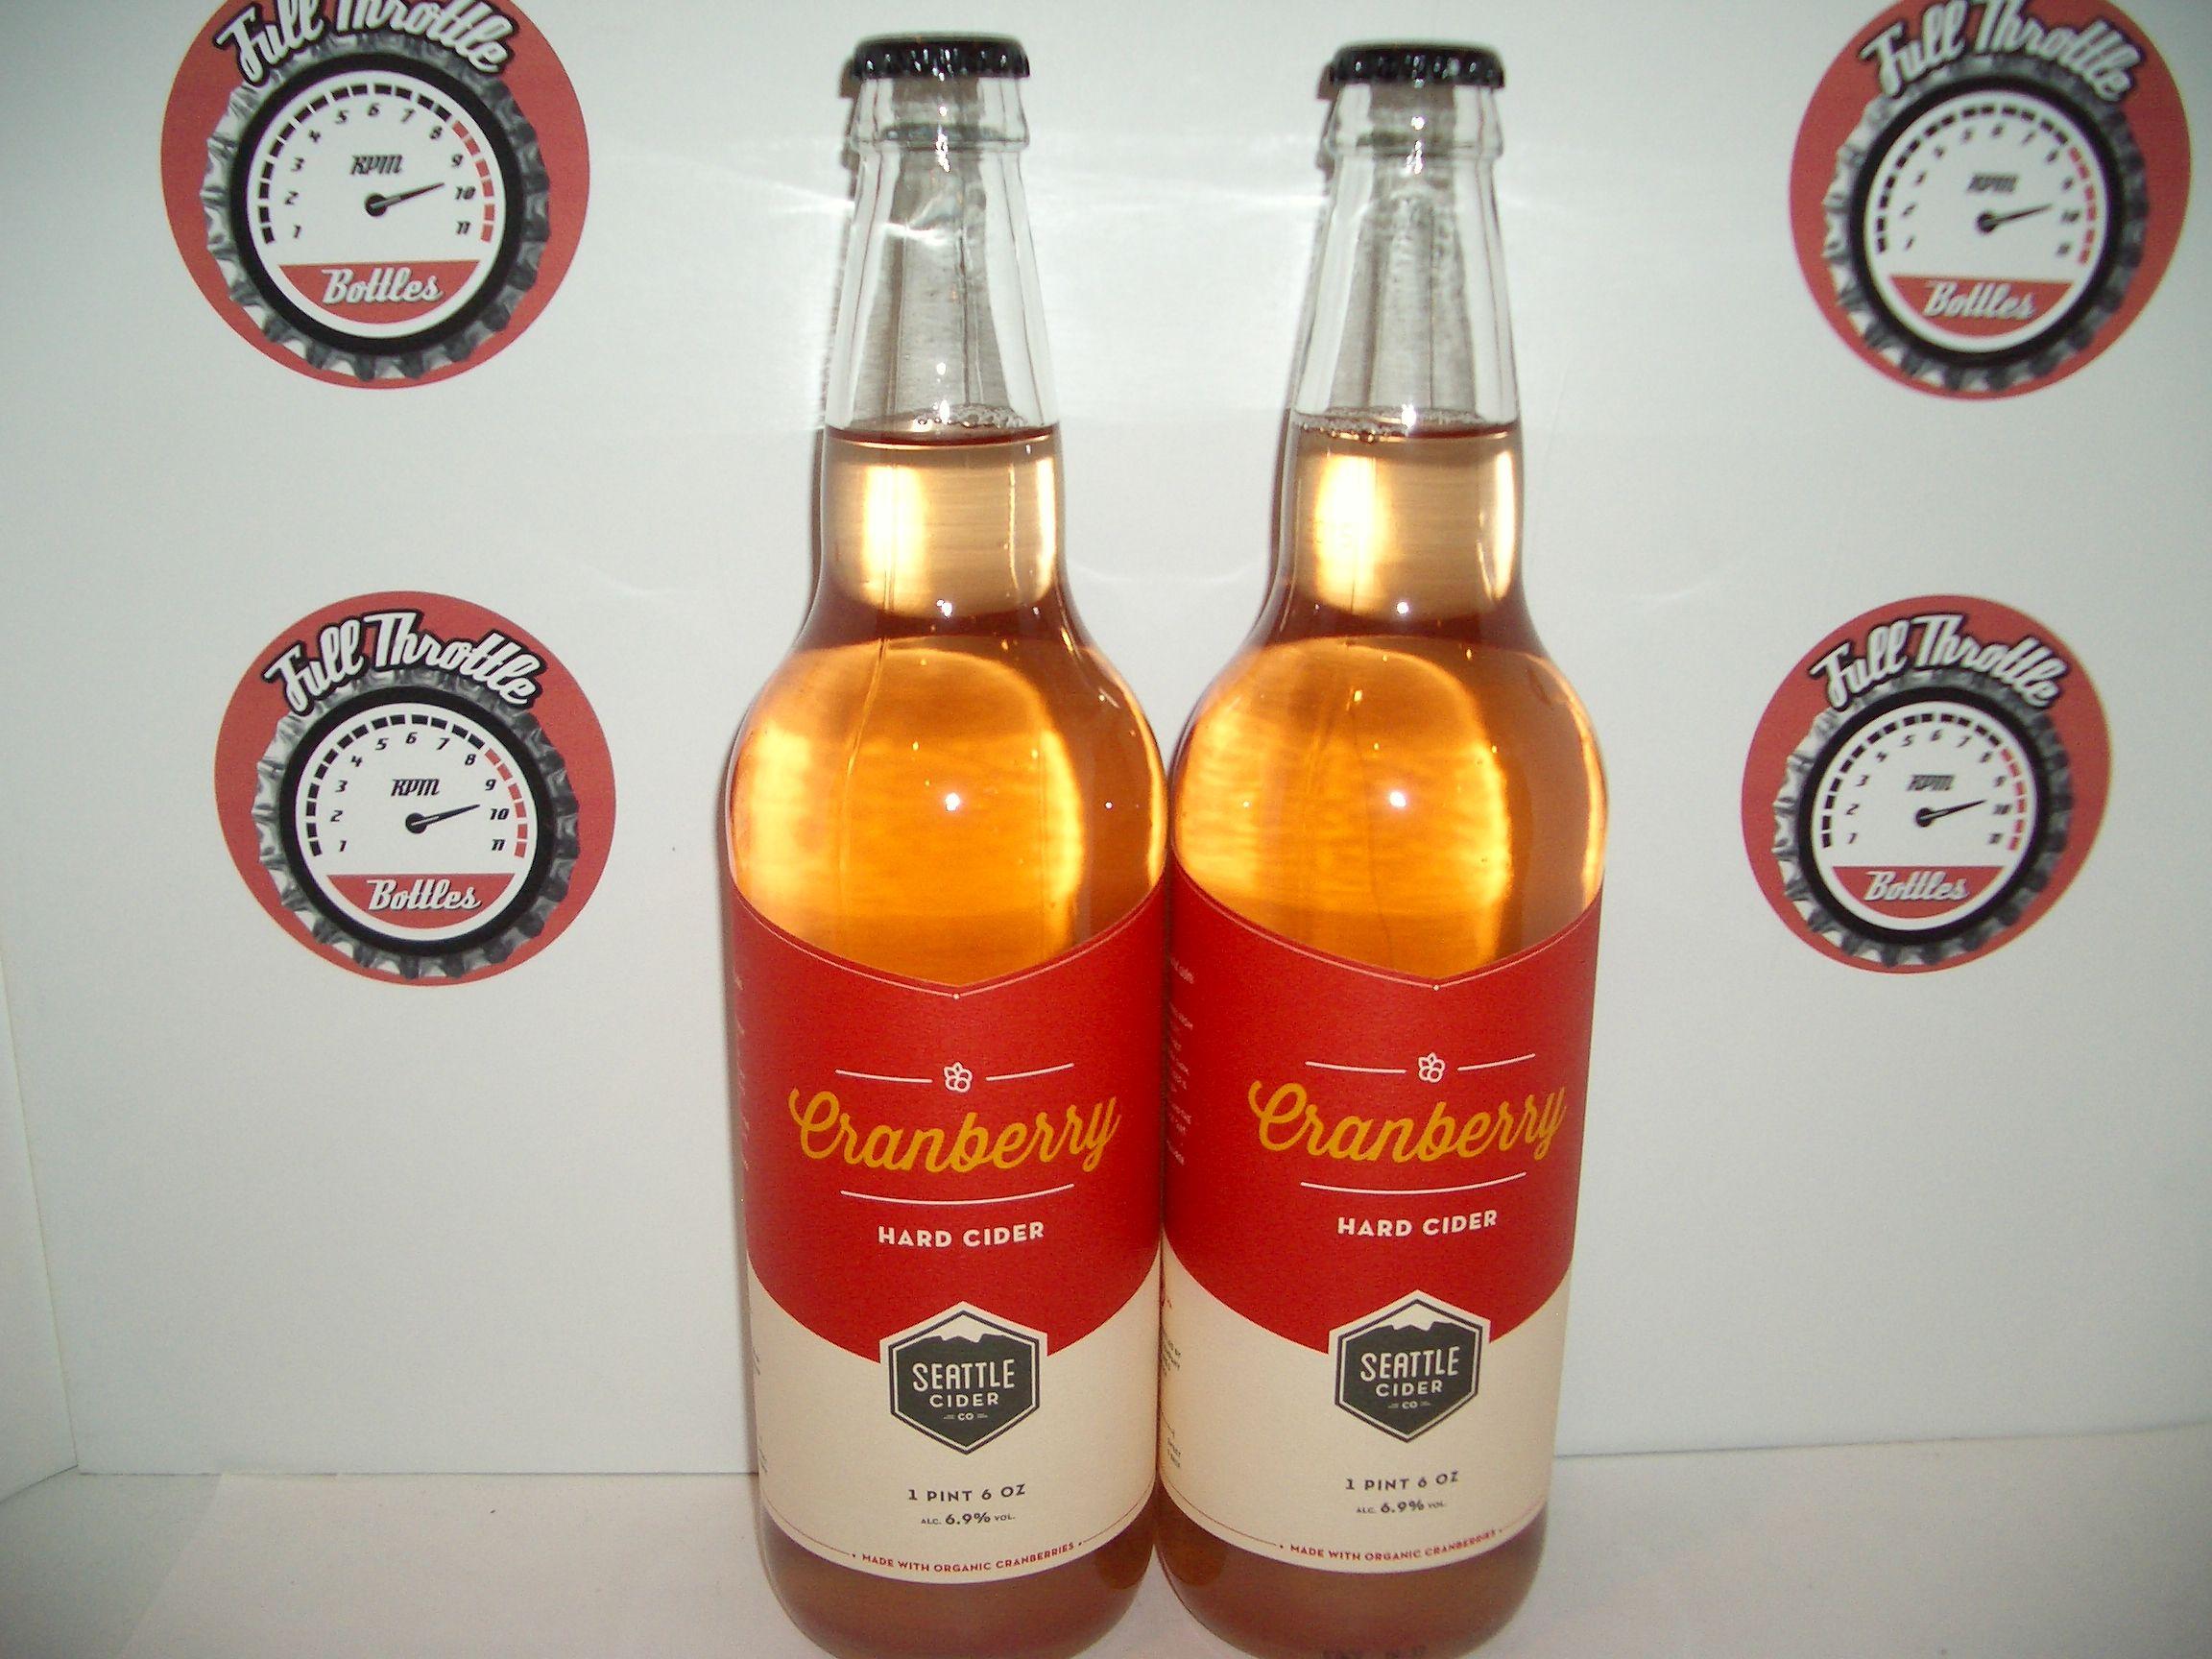 Seattle Cider Cranberry Corona Beer Bottle Beer Bottle Corona Beer